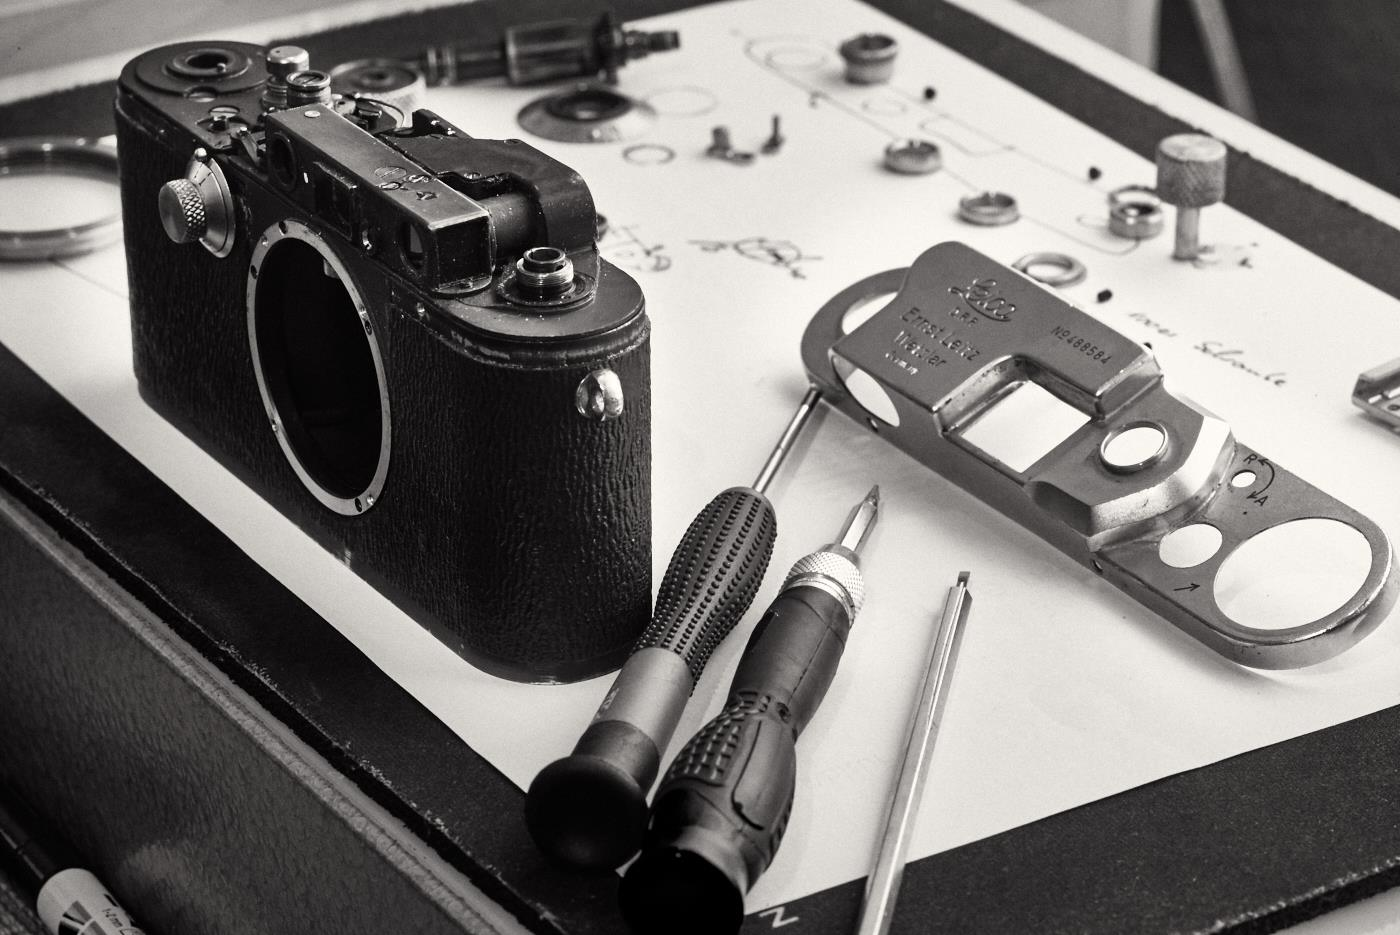 Leica M Entfernungsmesser Justieren : Christoph heinrich fotografie wartung einer leica iii